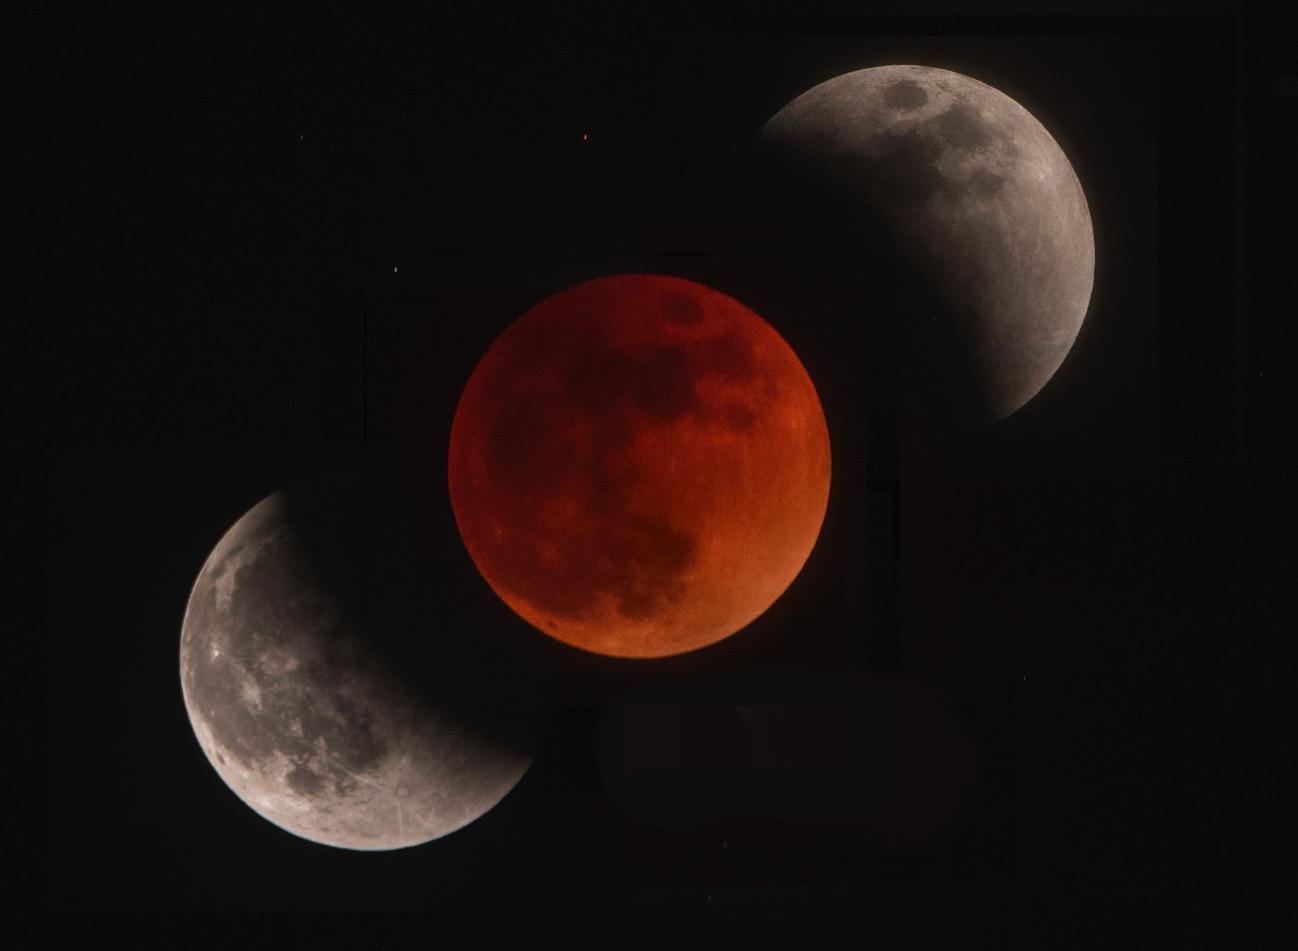 20180131total unar eclipse